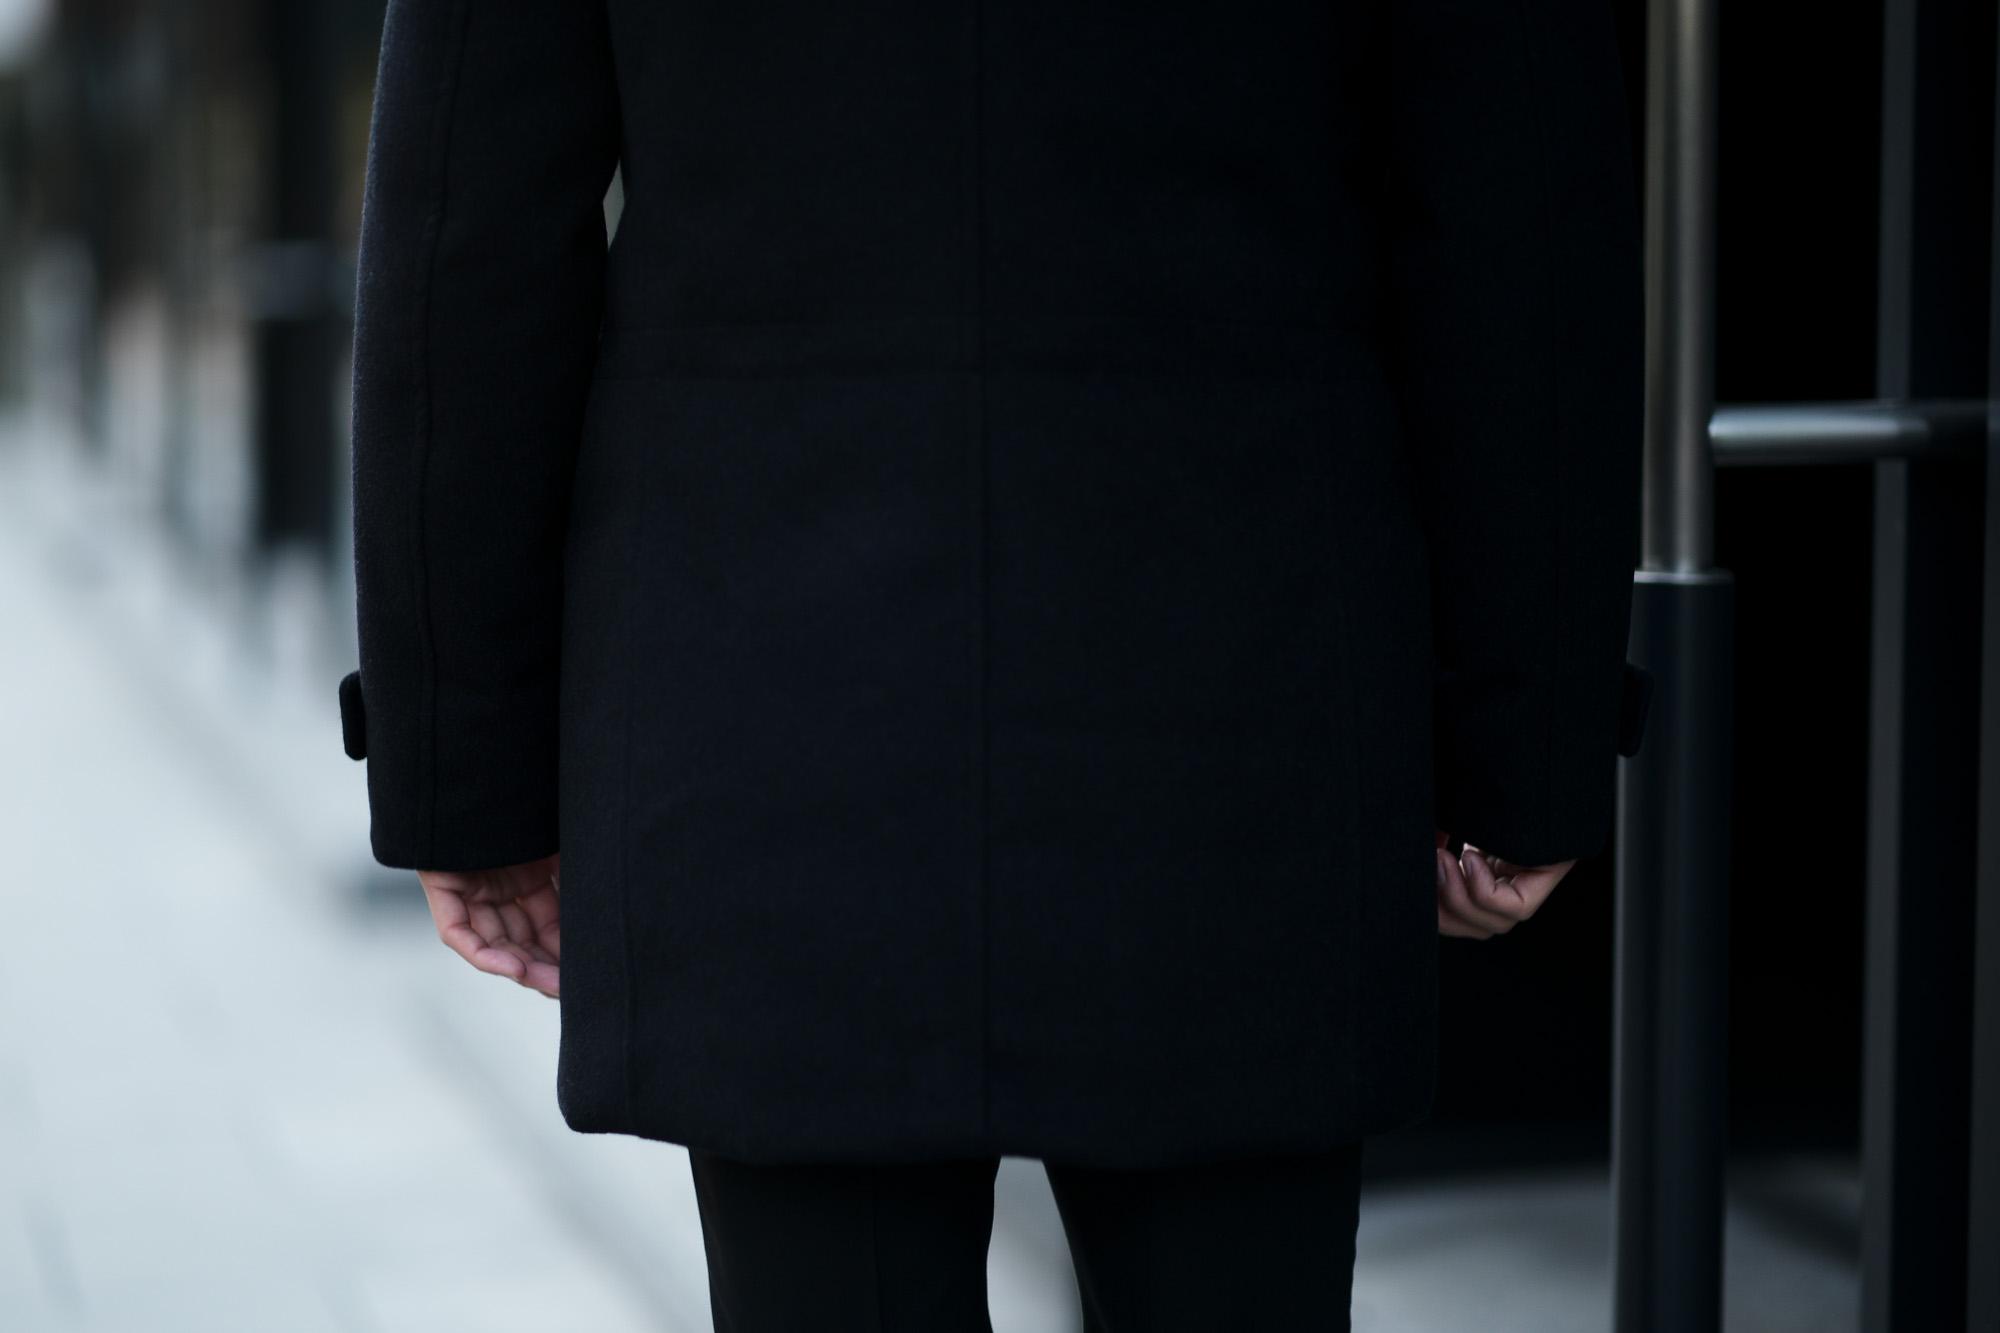 MOORER (ムーレー) BASSI-CS (バッシー) ホワイトグースダウン ファーライニング カシミア ダウンコート  NOCCIOLA(ベージュ・33),MORO(ブラウン・36),GREY(グレー・03),ANTRACITE(チャコール・05),BLUE(ブルー・76) Made in italy (イタリア製) 2020AW 【2020 秋冬 受注会開催 2019.12.15~2020.1.05】愛知 名古屋 altoediritto アルトエデリット